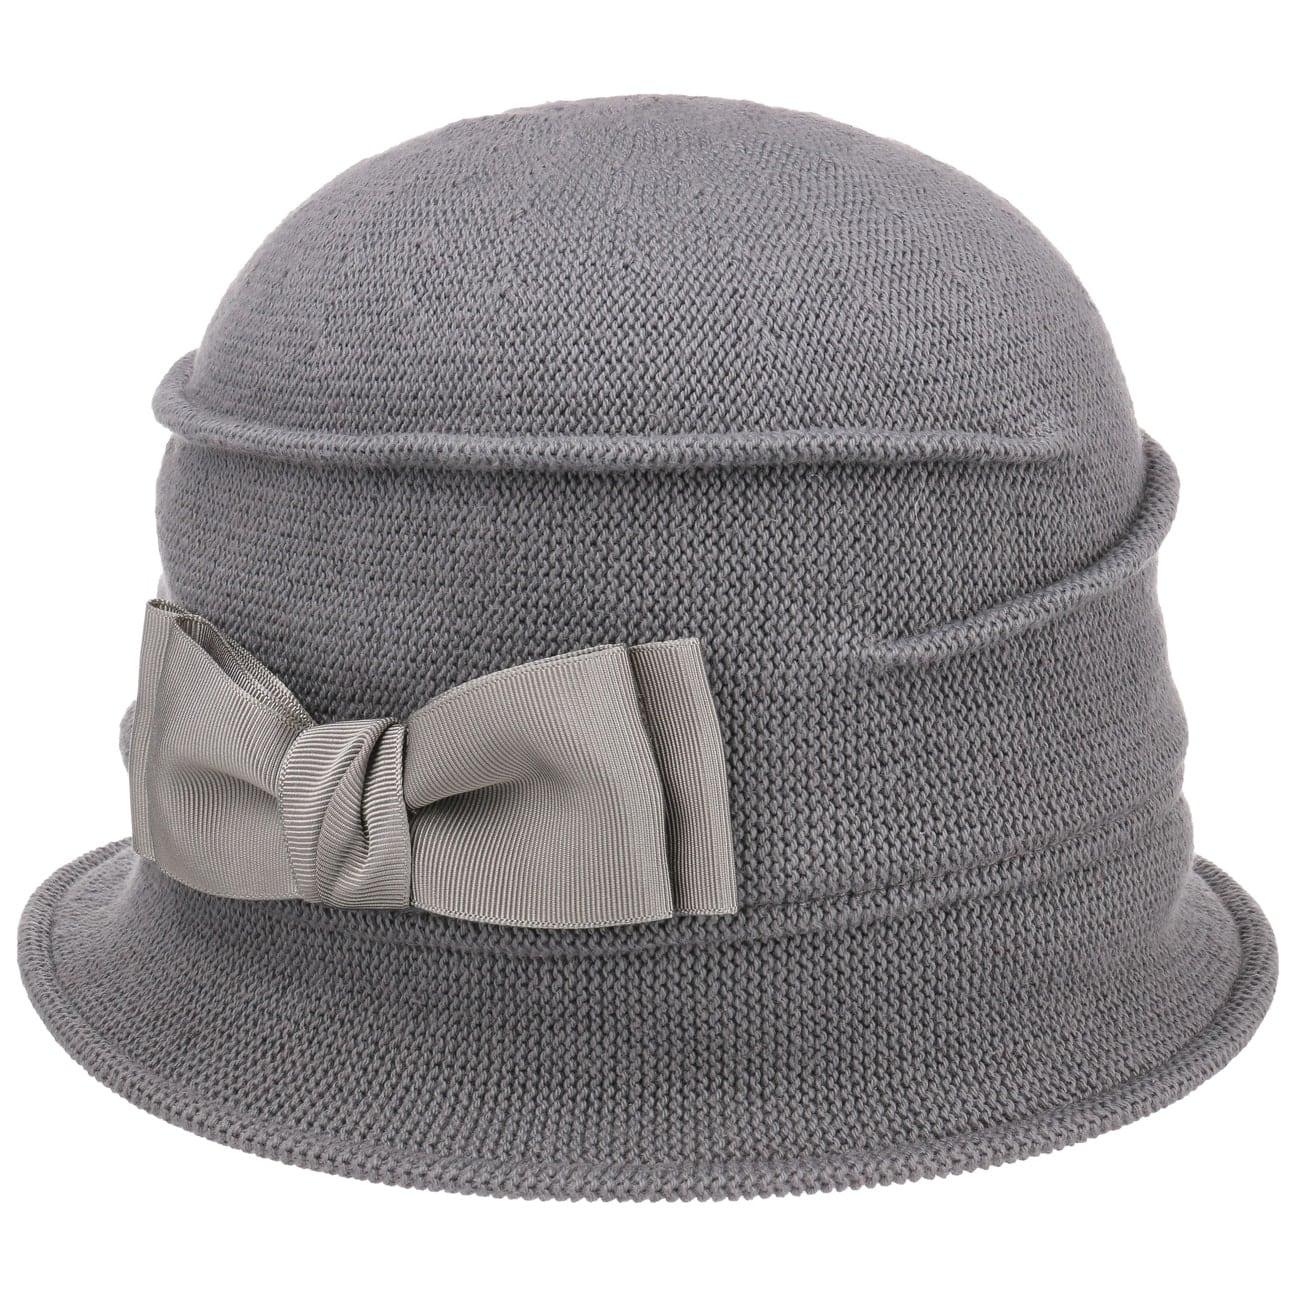 Chapeau en Coton Oretka Summer by bedacht  chapeau pour femme